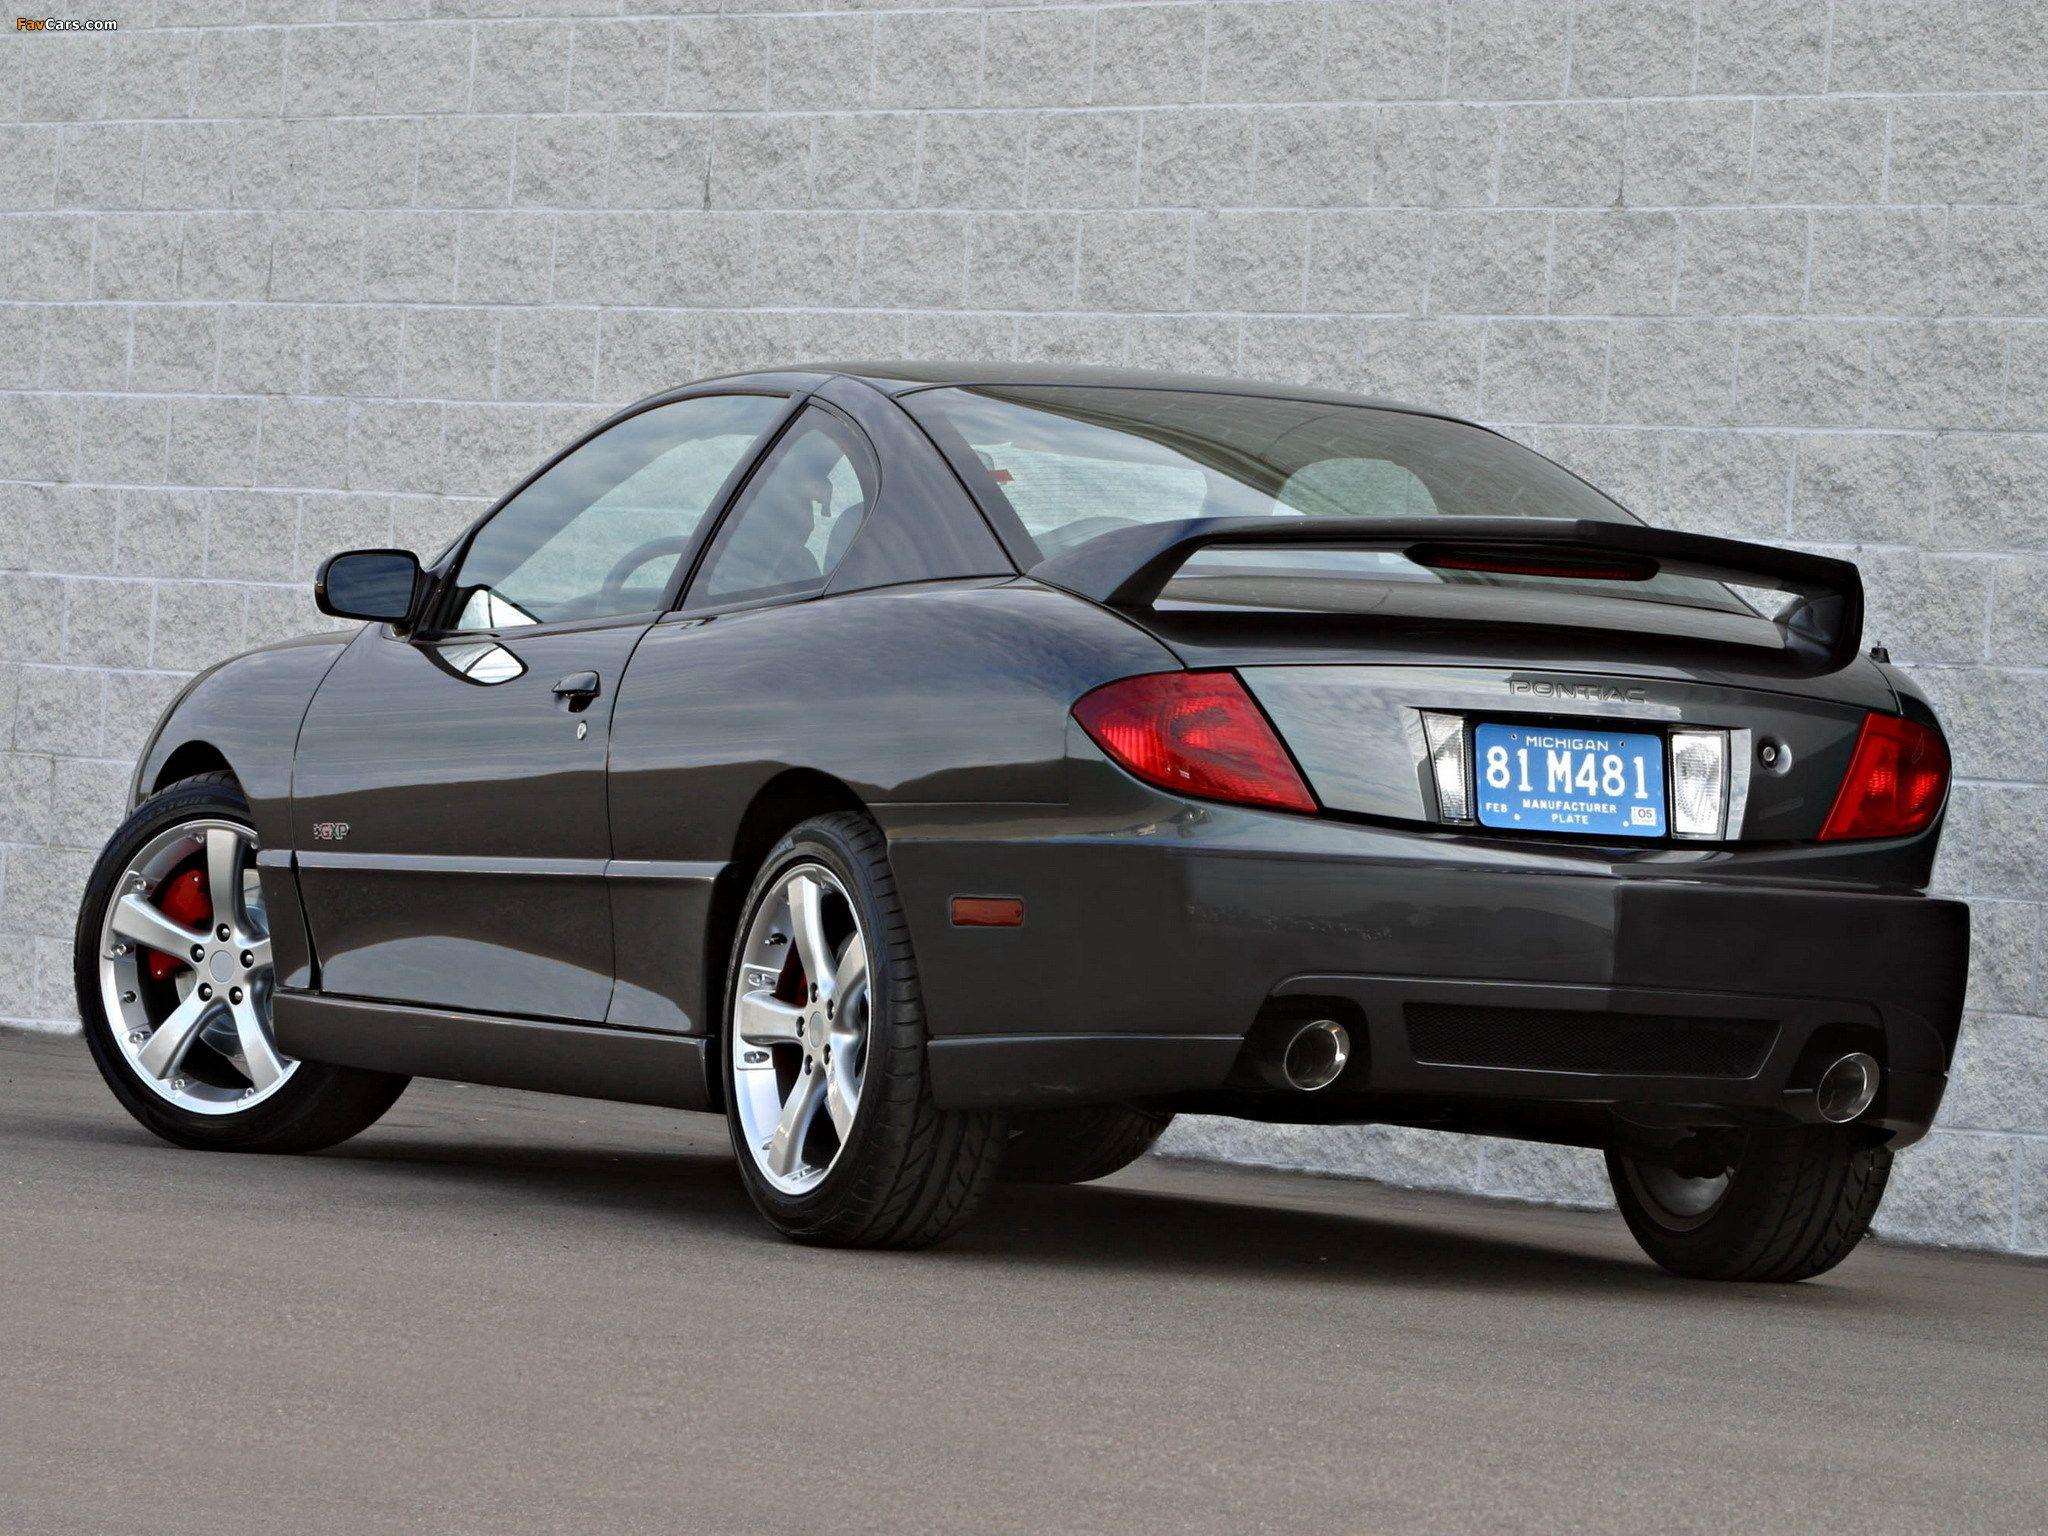 2002 Pontiac Sunfire Gxp Concept Pontiac Sunfire Pontiac Concept Cars